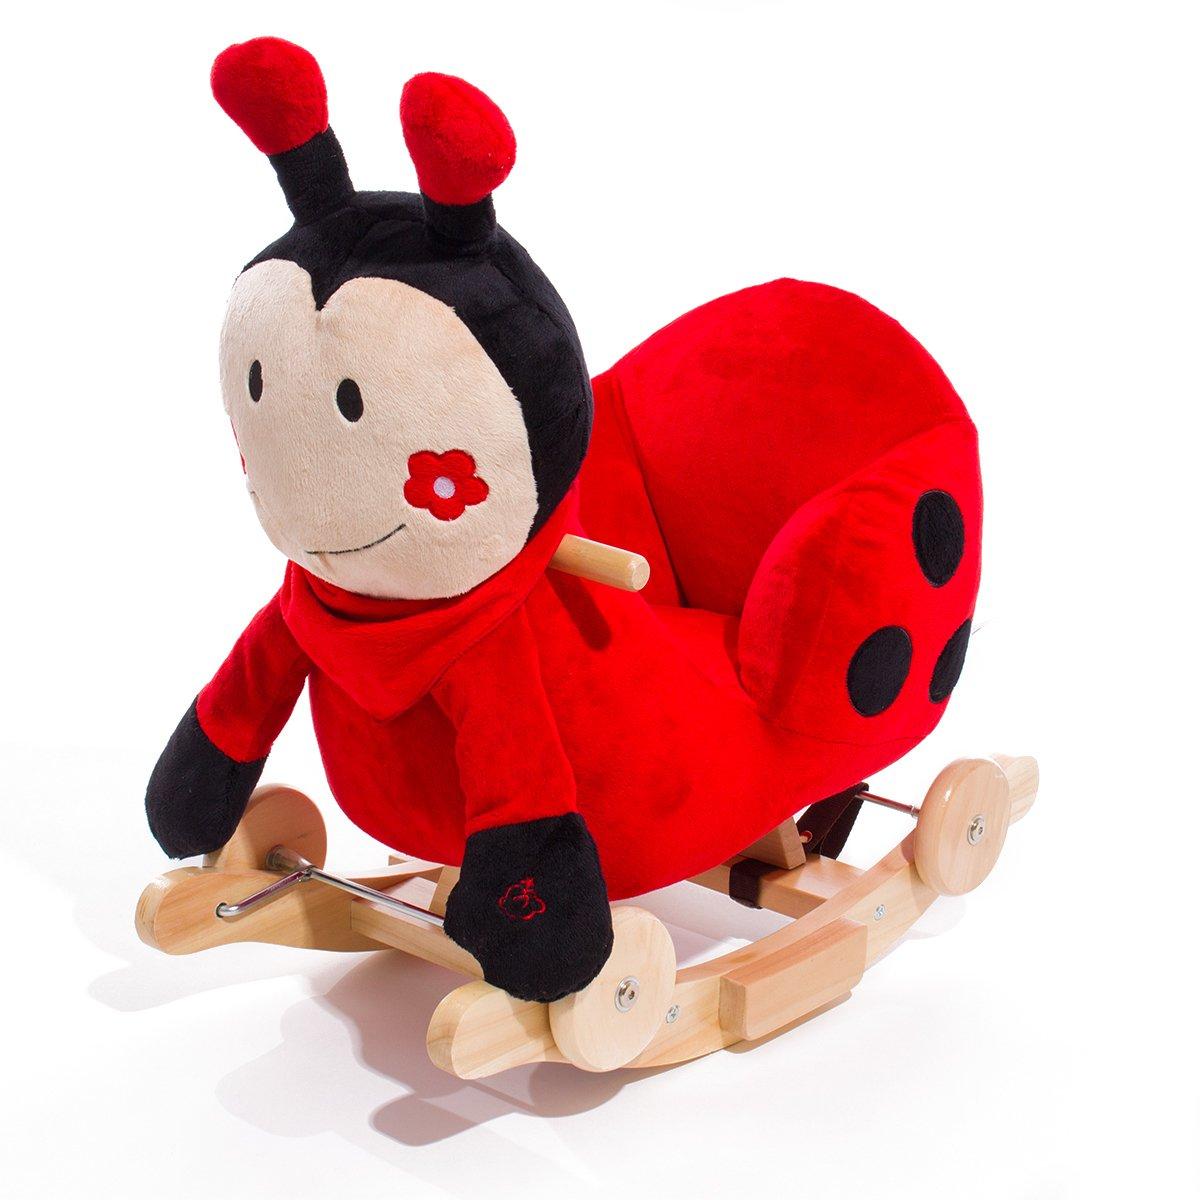 Hikenn Kinderkraft Schaukelpferd Schaukeltier Schaukel Schaukelspielzeug Babyschaukel (Marienkäfer)